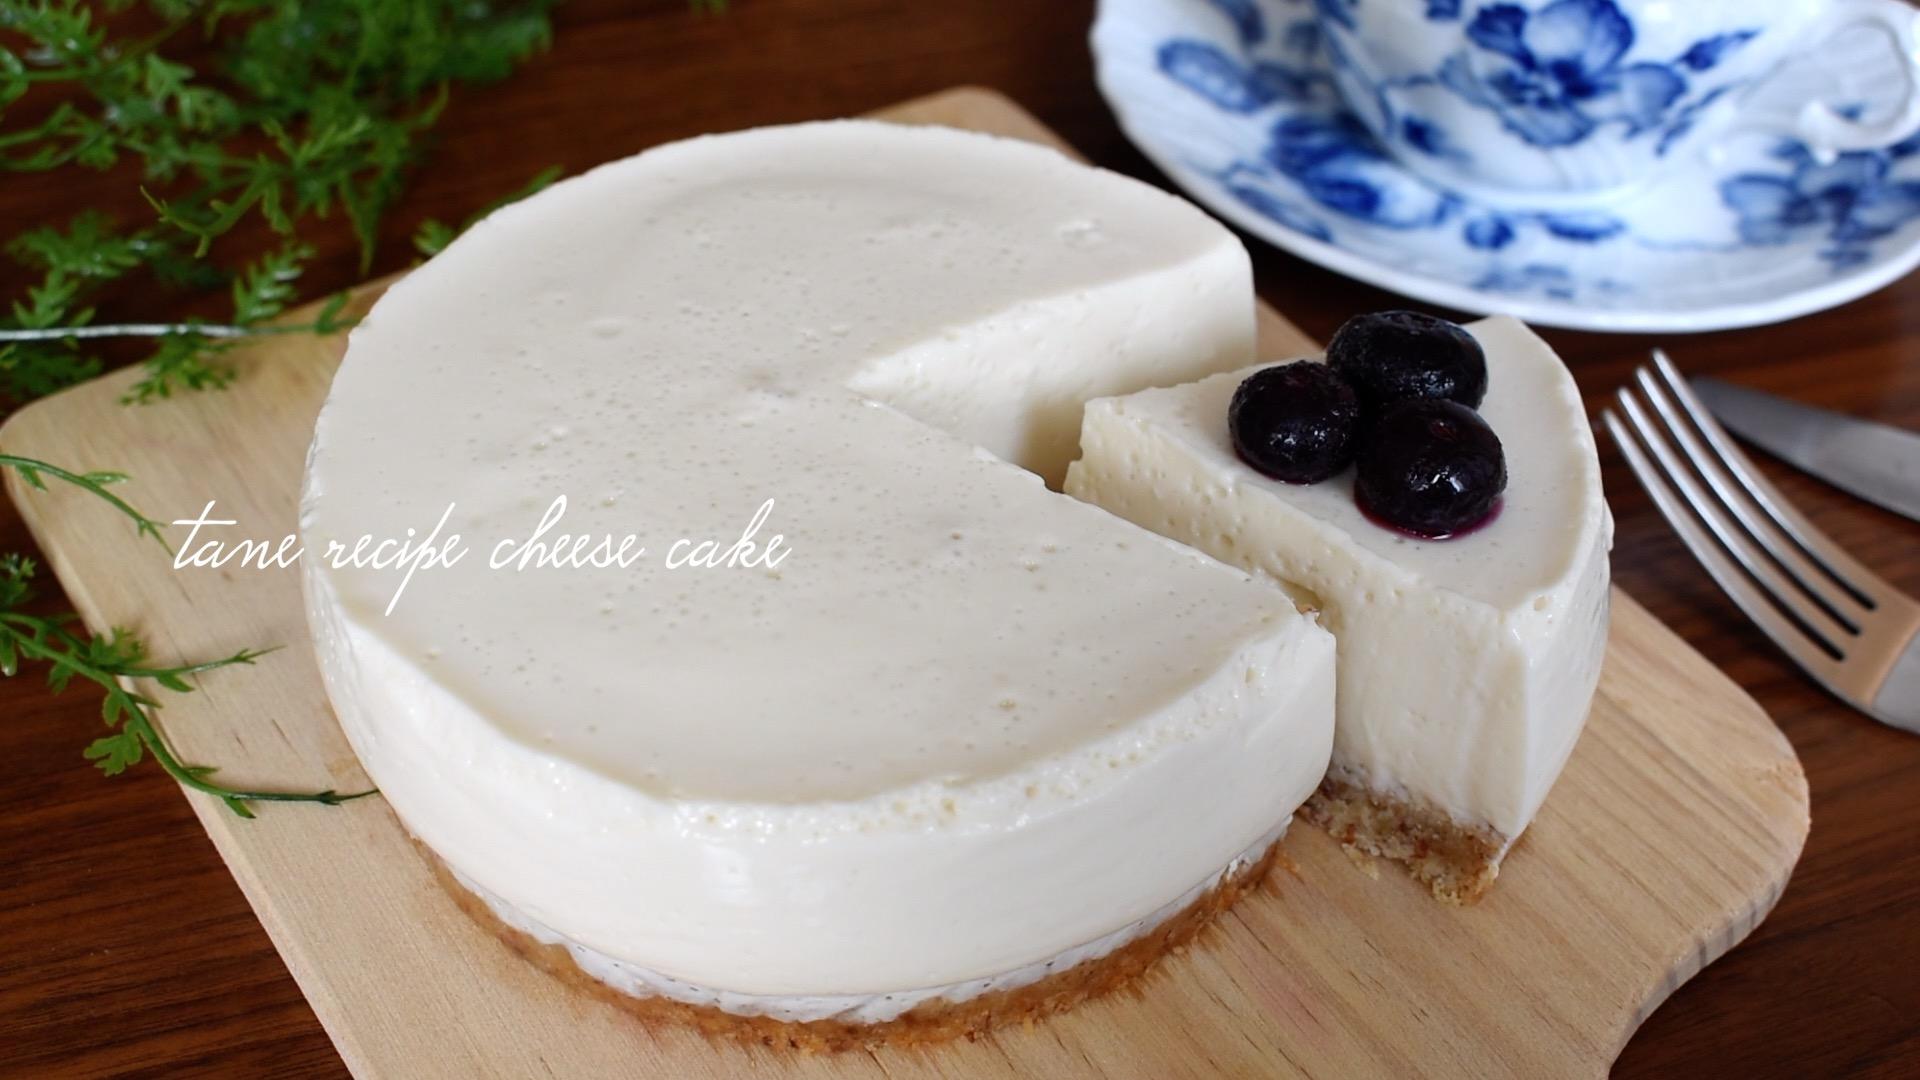 【クリームチーズ不使用】まるでレアチーズケーキ【オートミールでタルト生地】